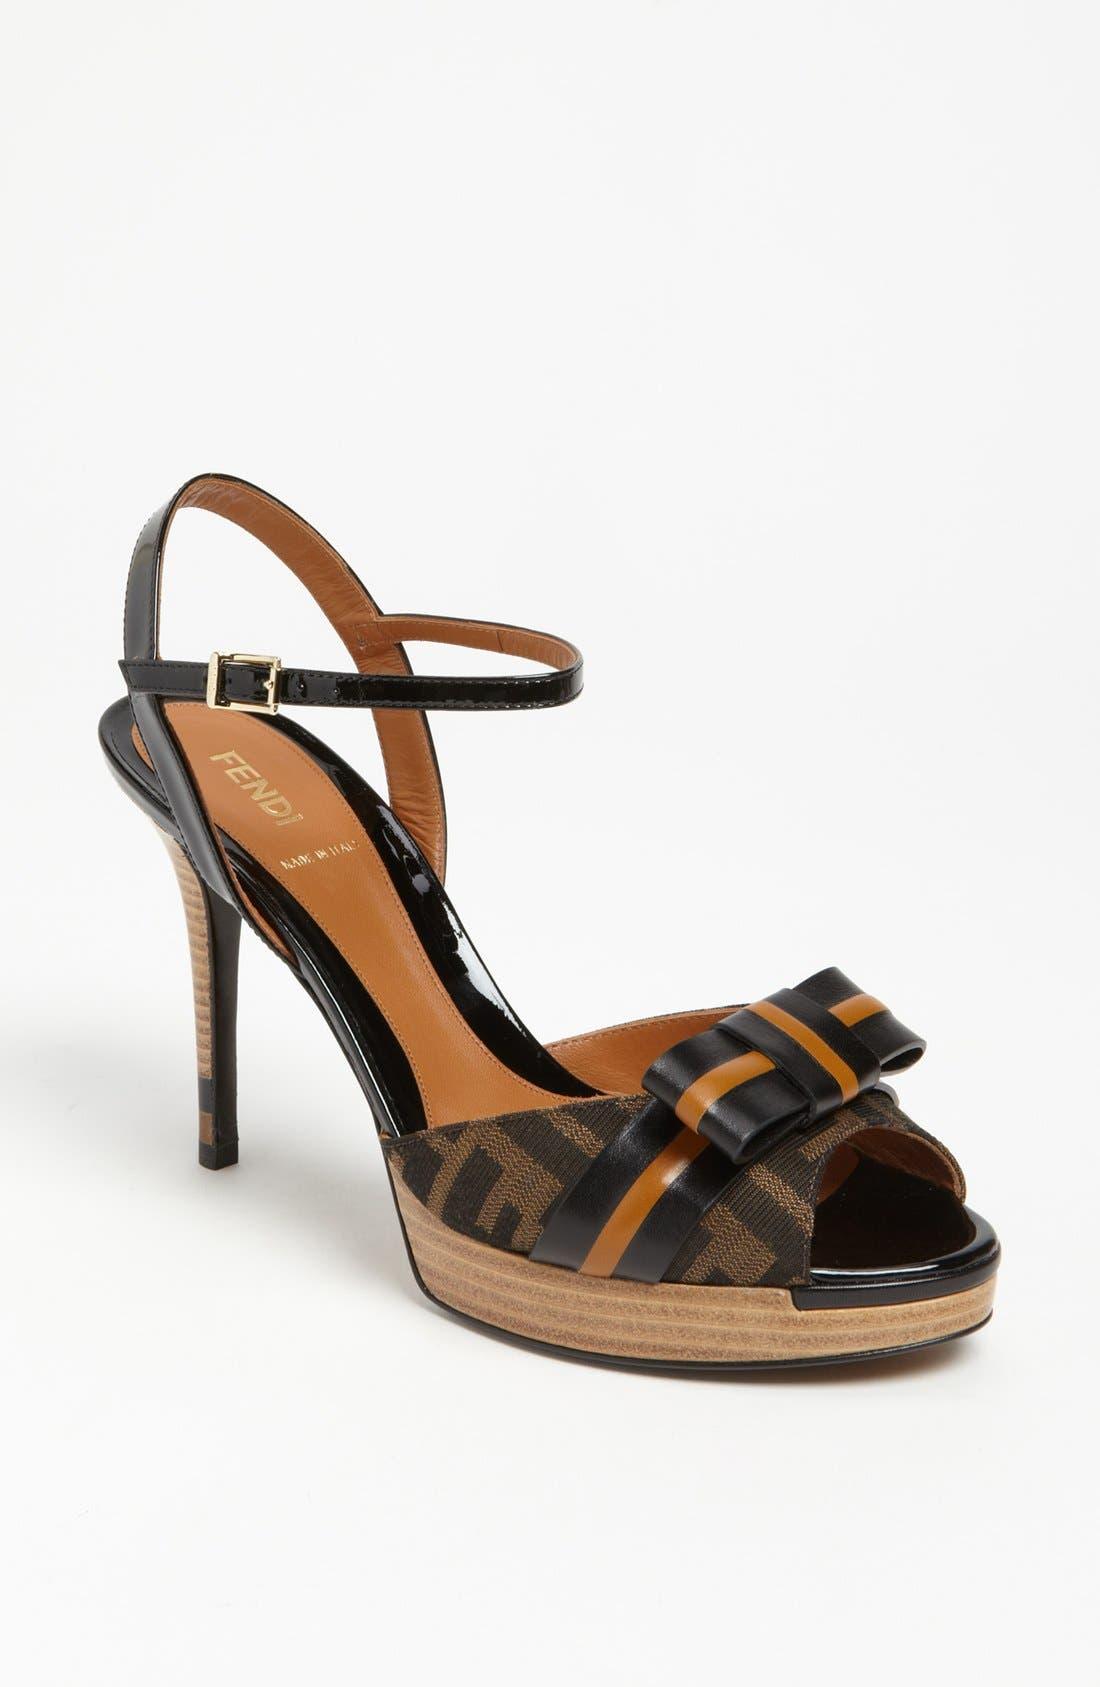 Main Image - Fendi 'Pride & Prejudice' Sandal